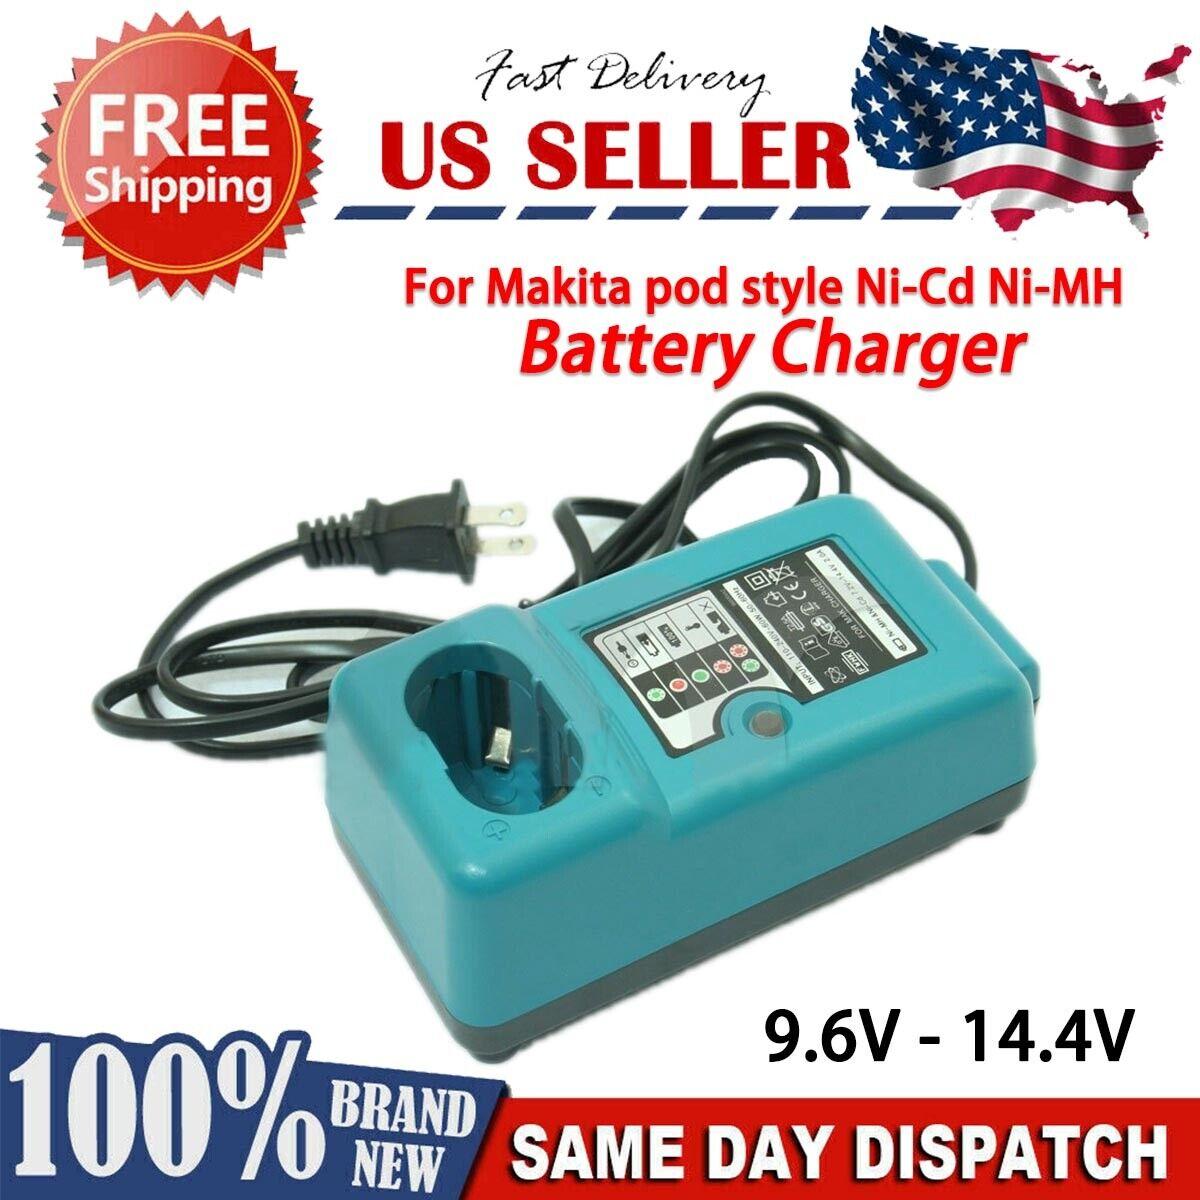 100% NEW! Battery Charger For Makita Cordless Drill DC1414 9.6V/12V /14.4V